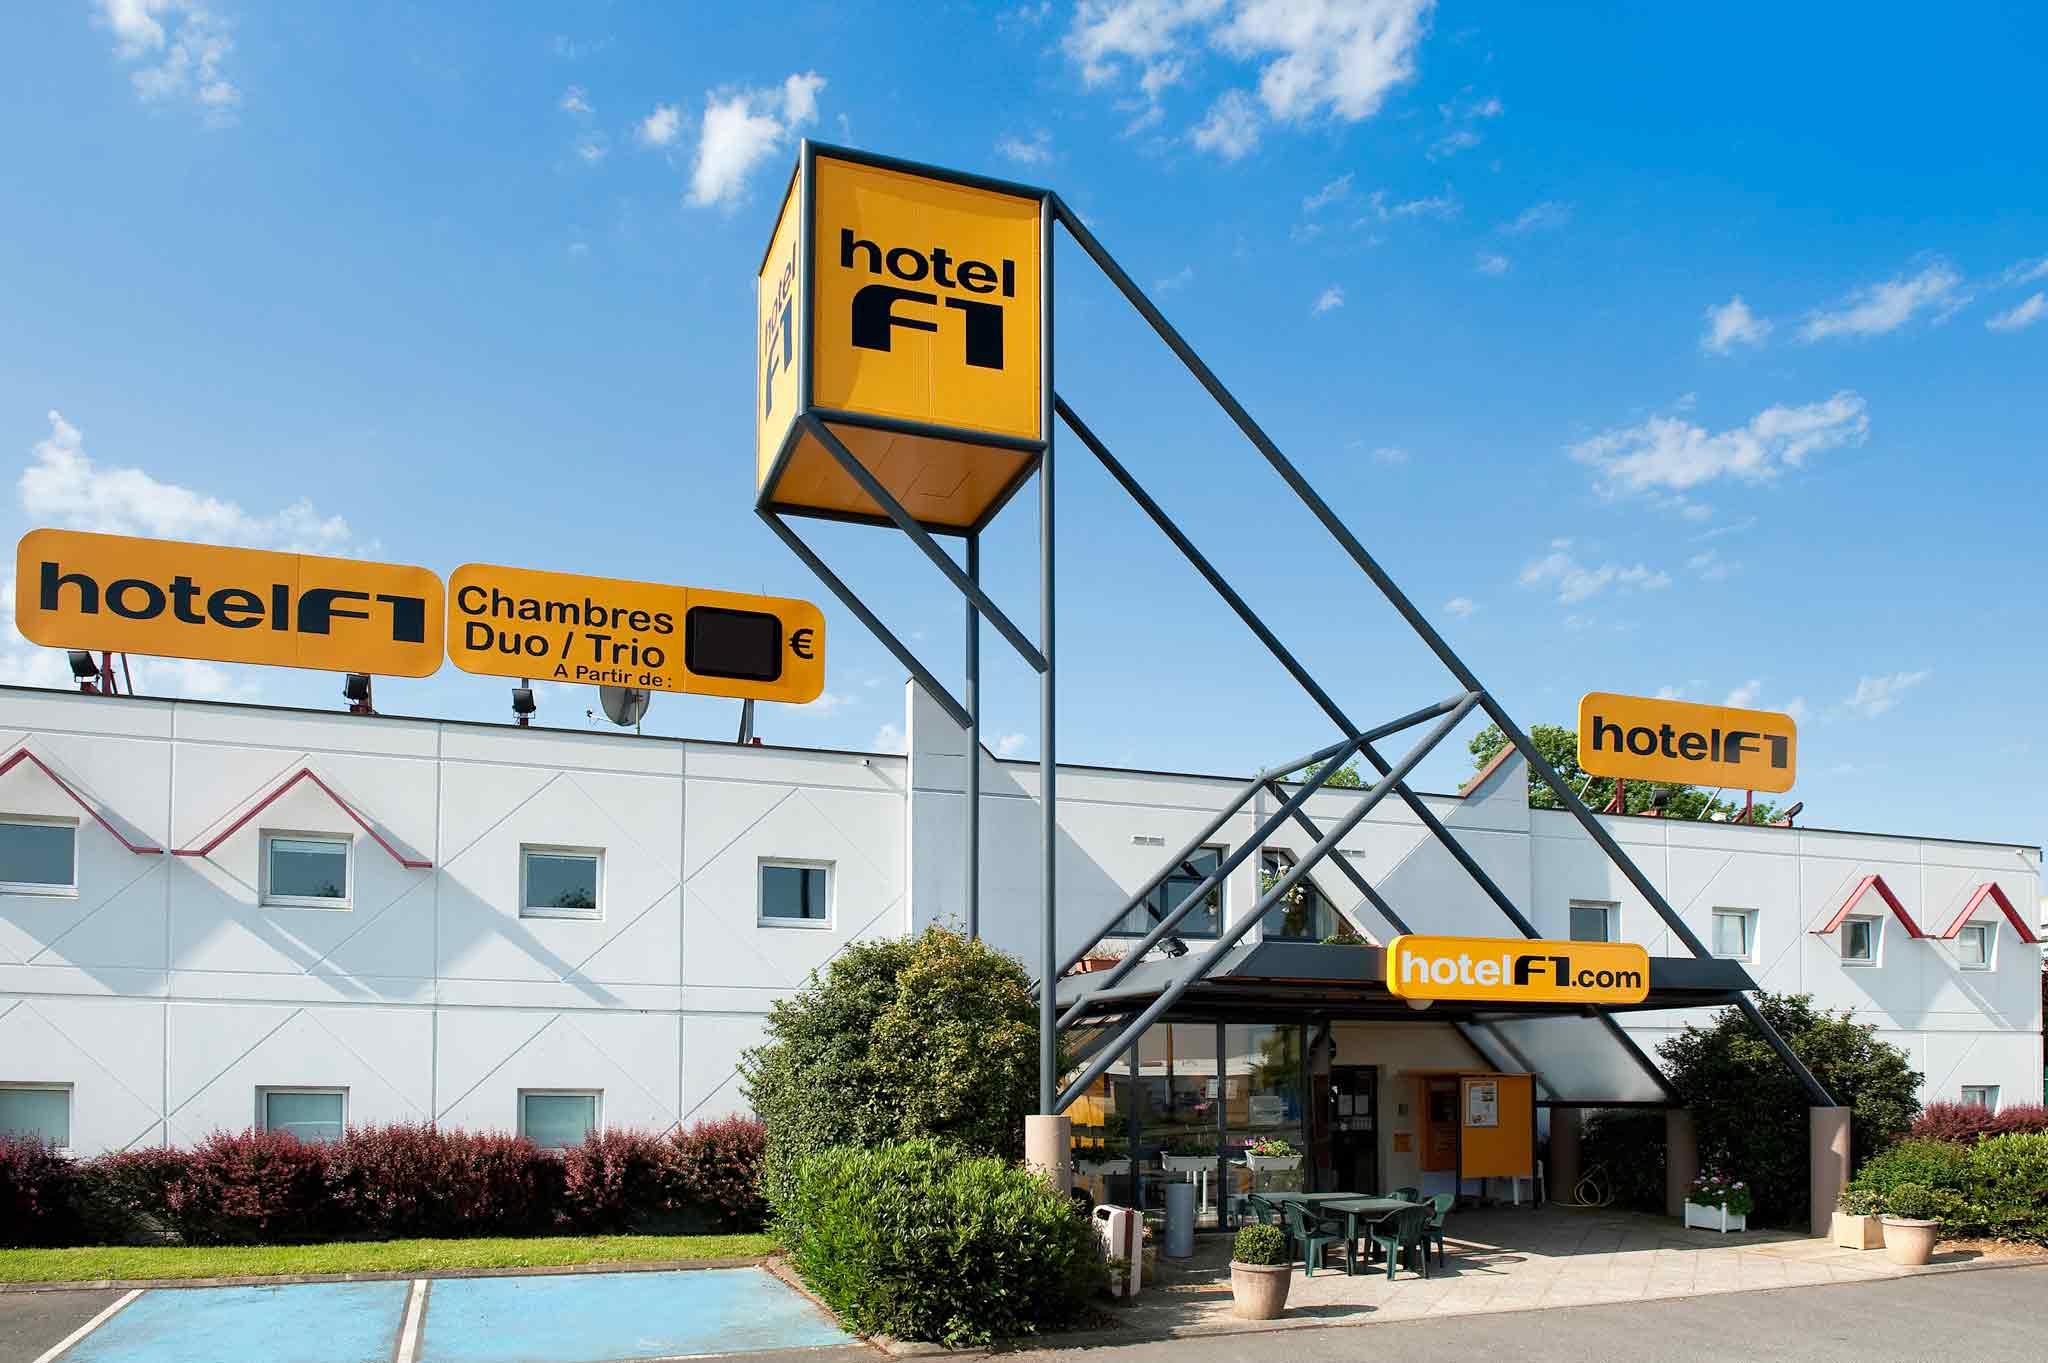 Hotell – hotelF1 Brie-Comte-Robert